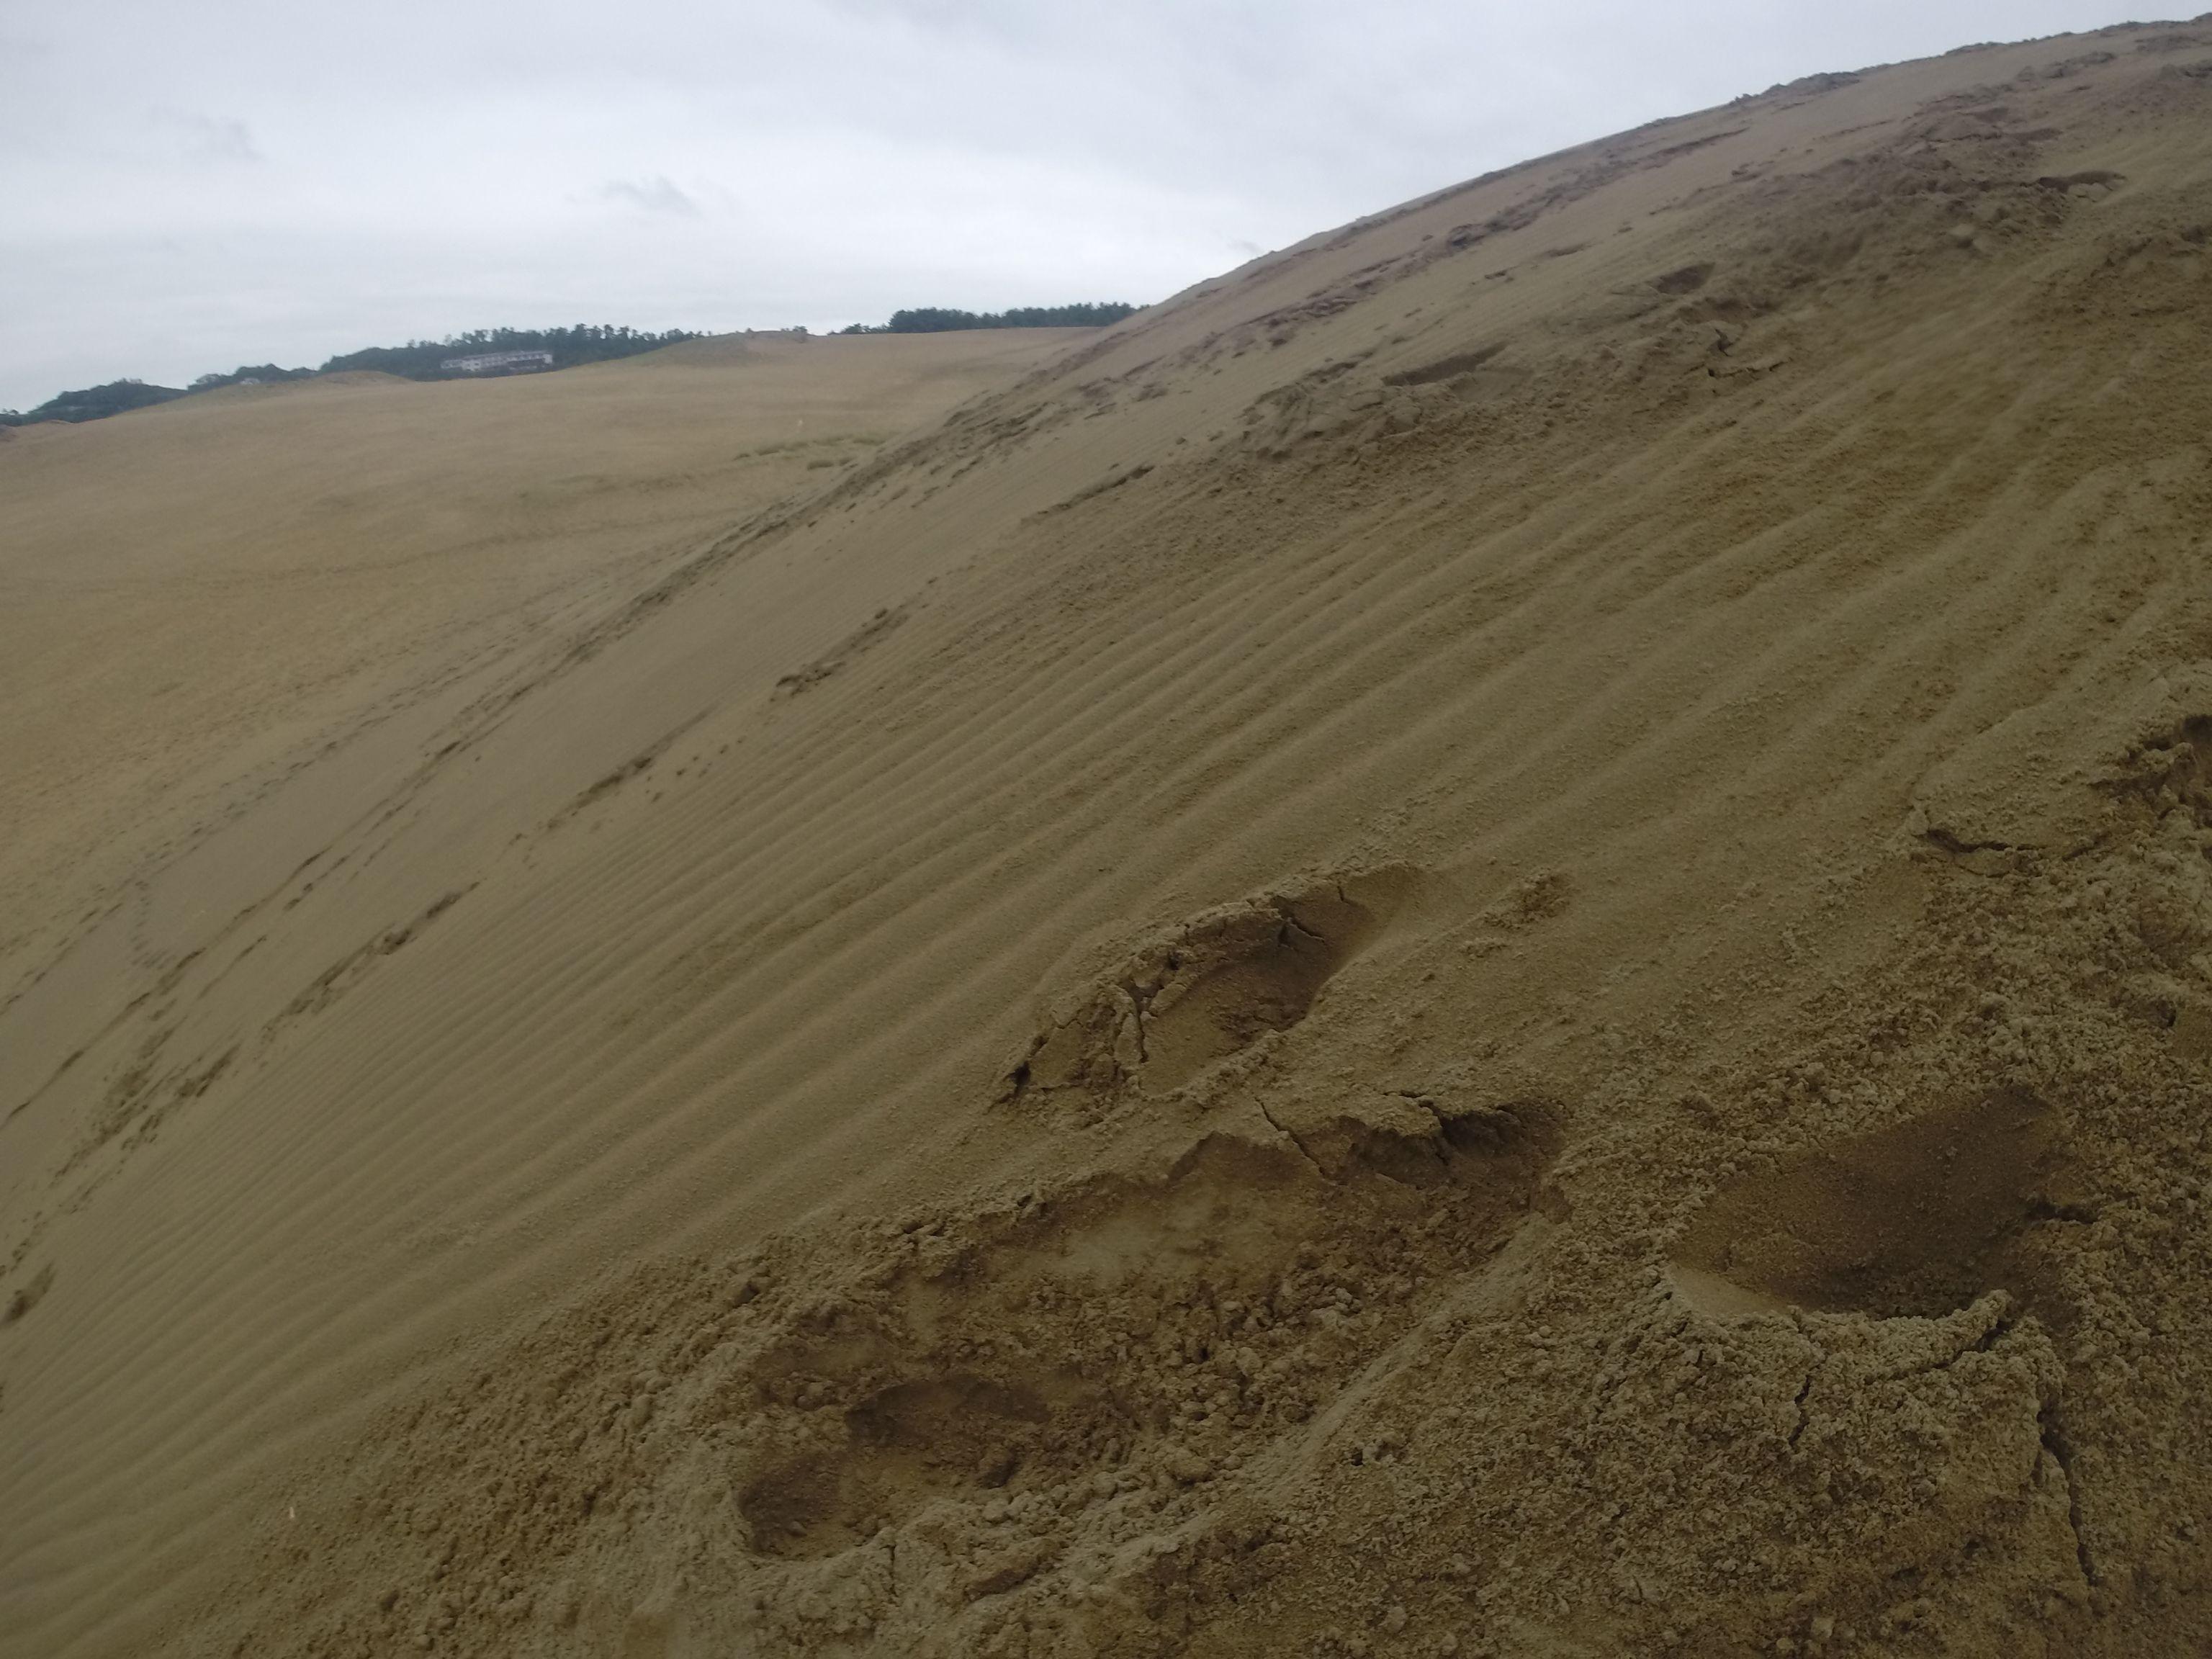 たっぷり湿り気を帯びた砂丘の地面